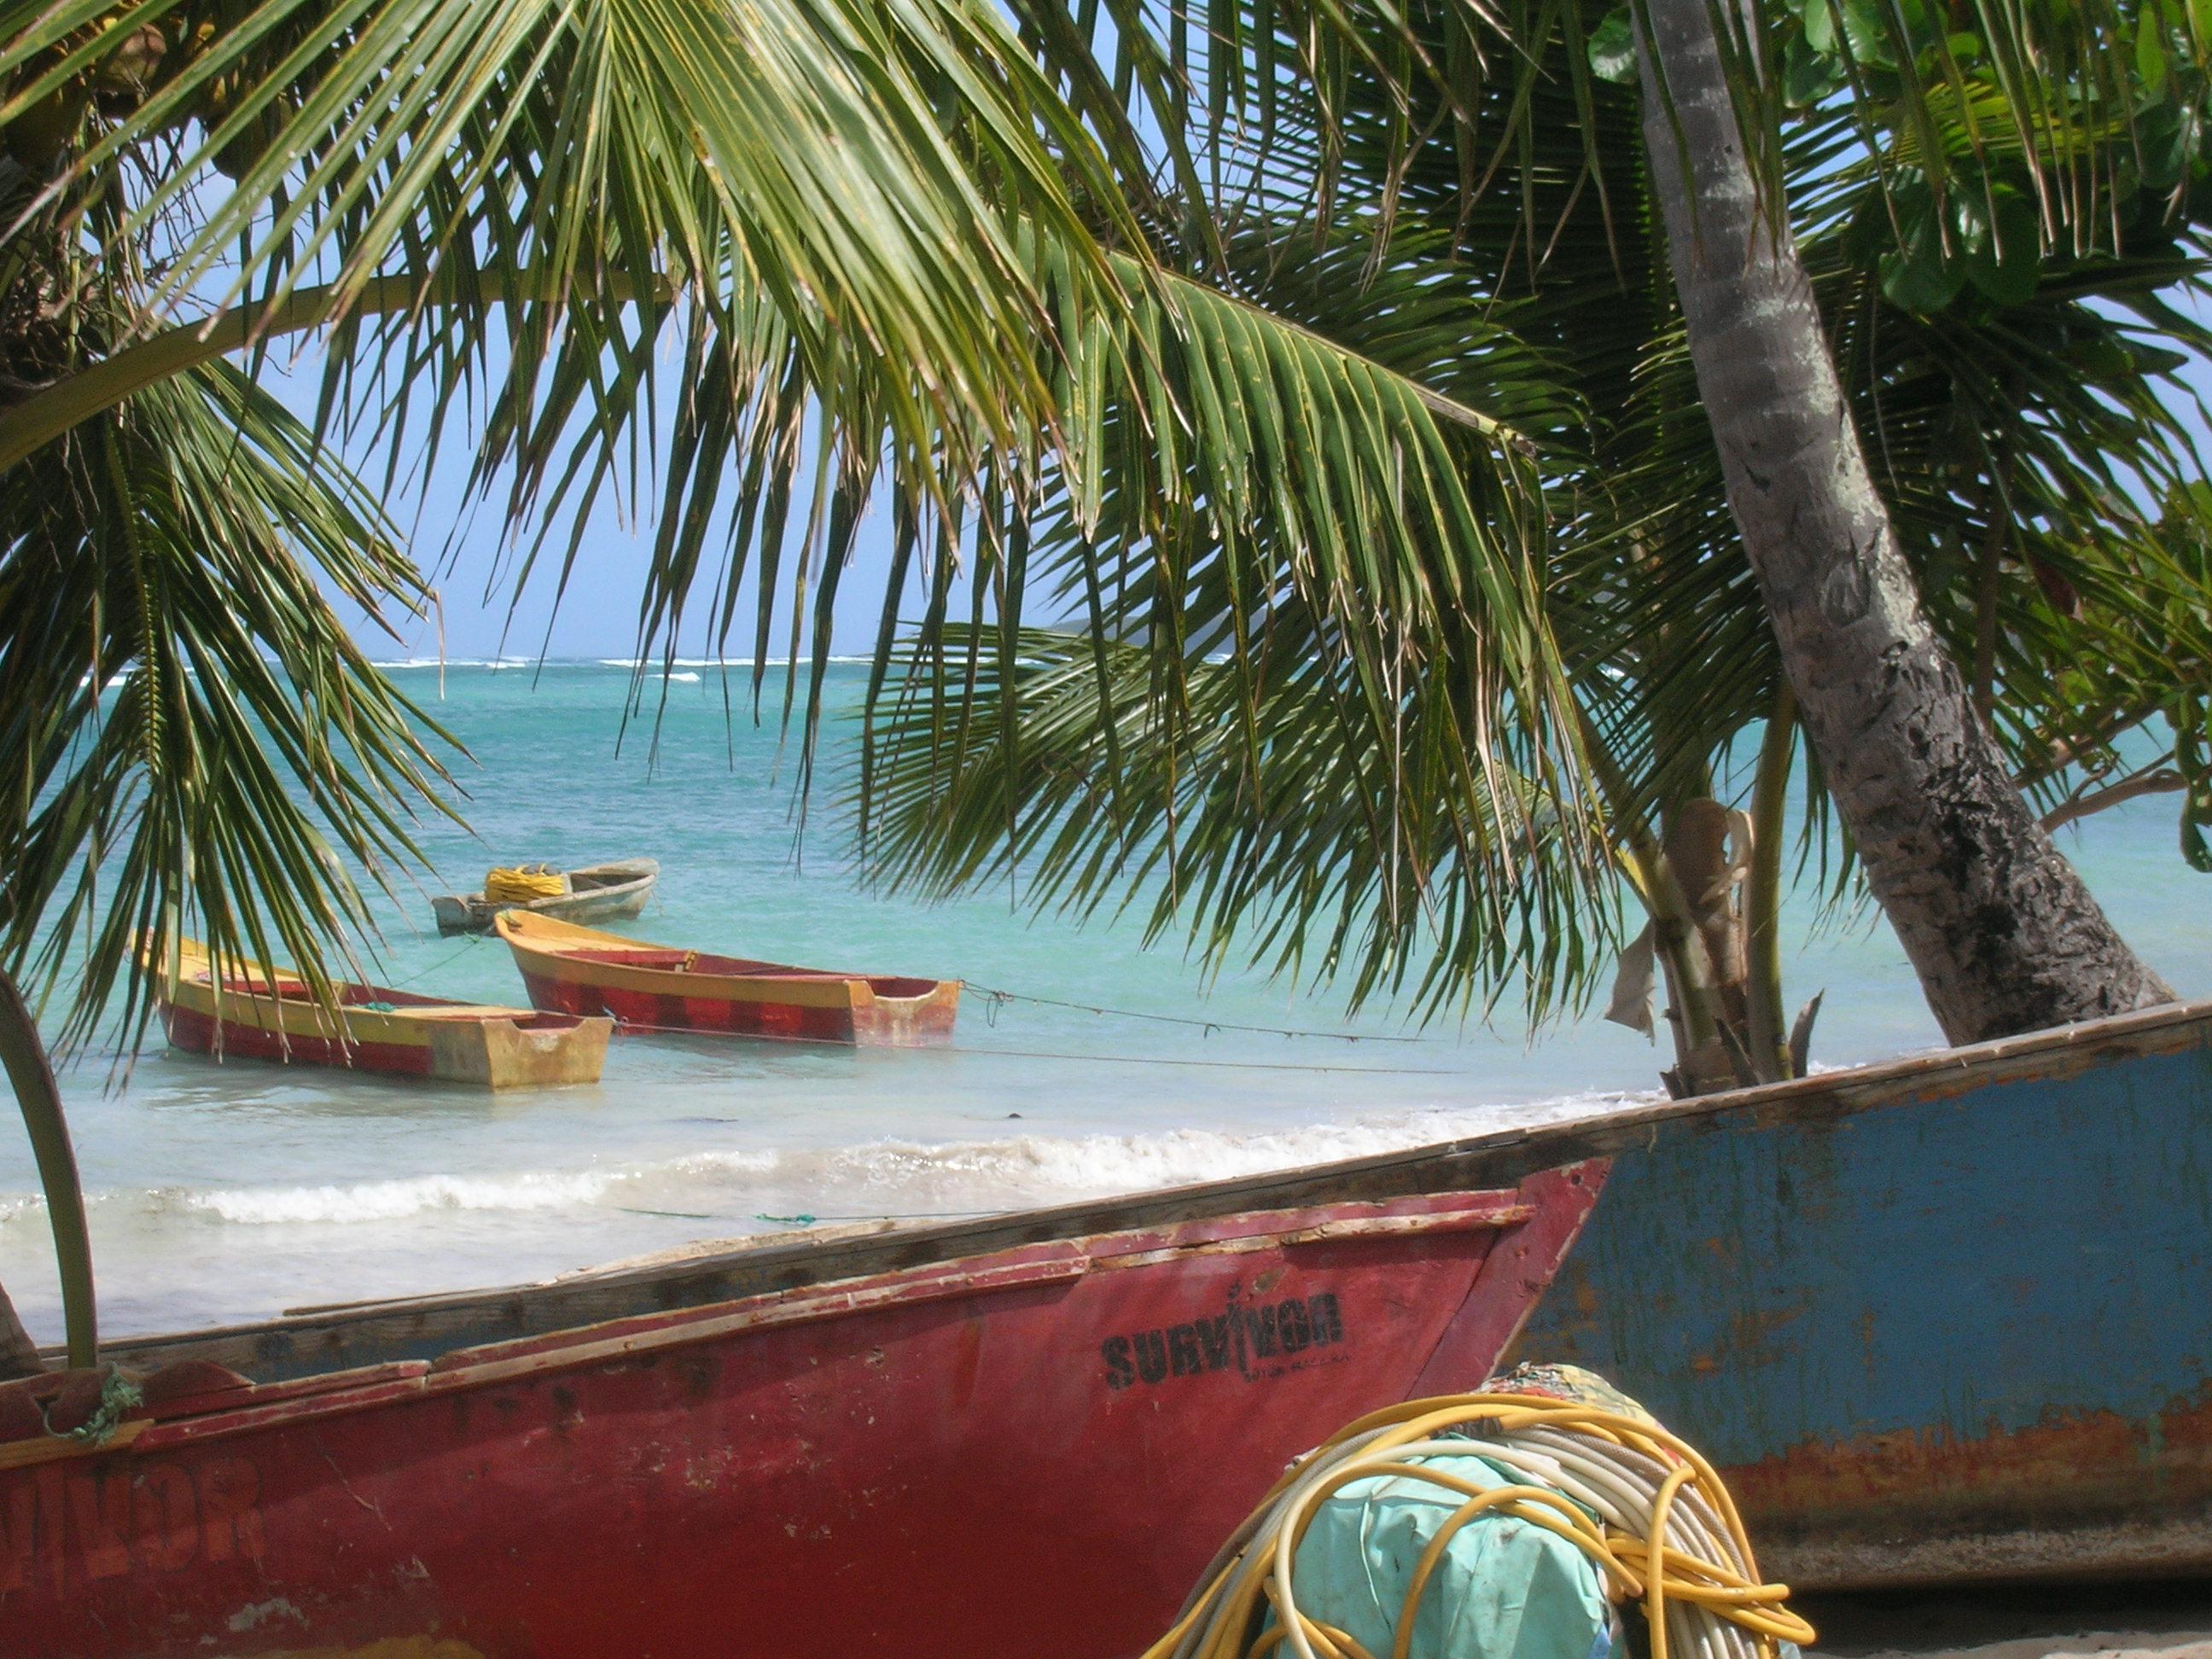 Dominikana, Plaża i łodzie w Las Galeras, półwysep Samana